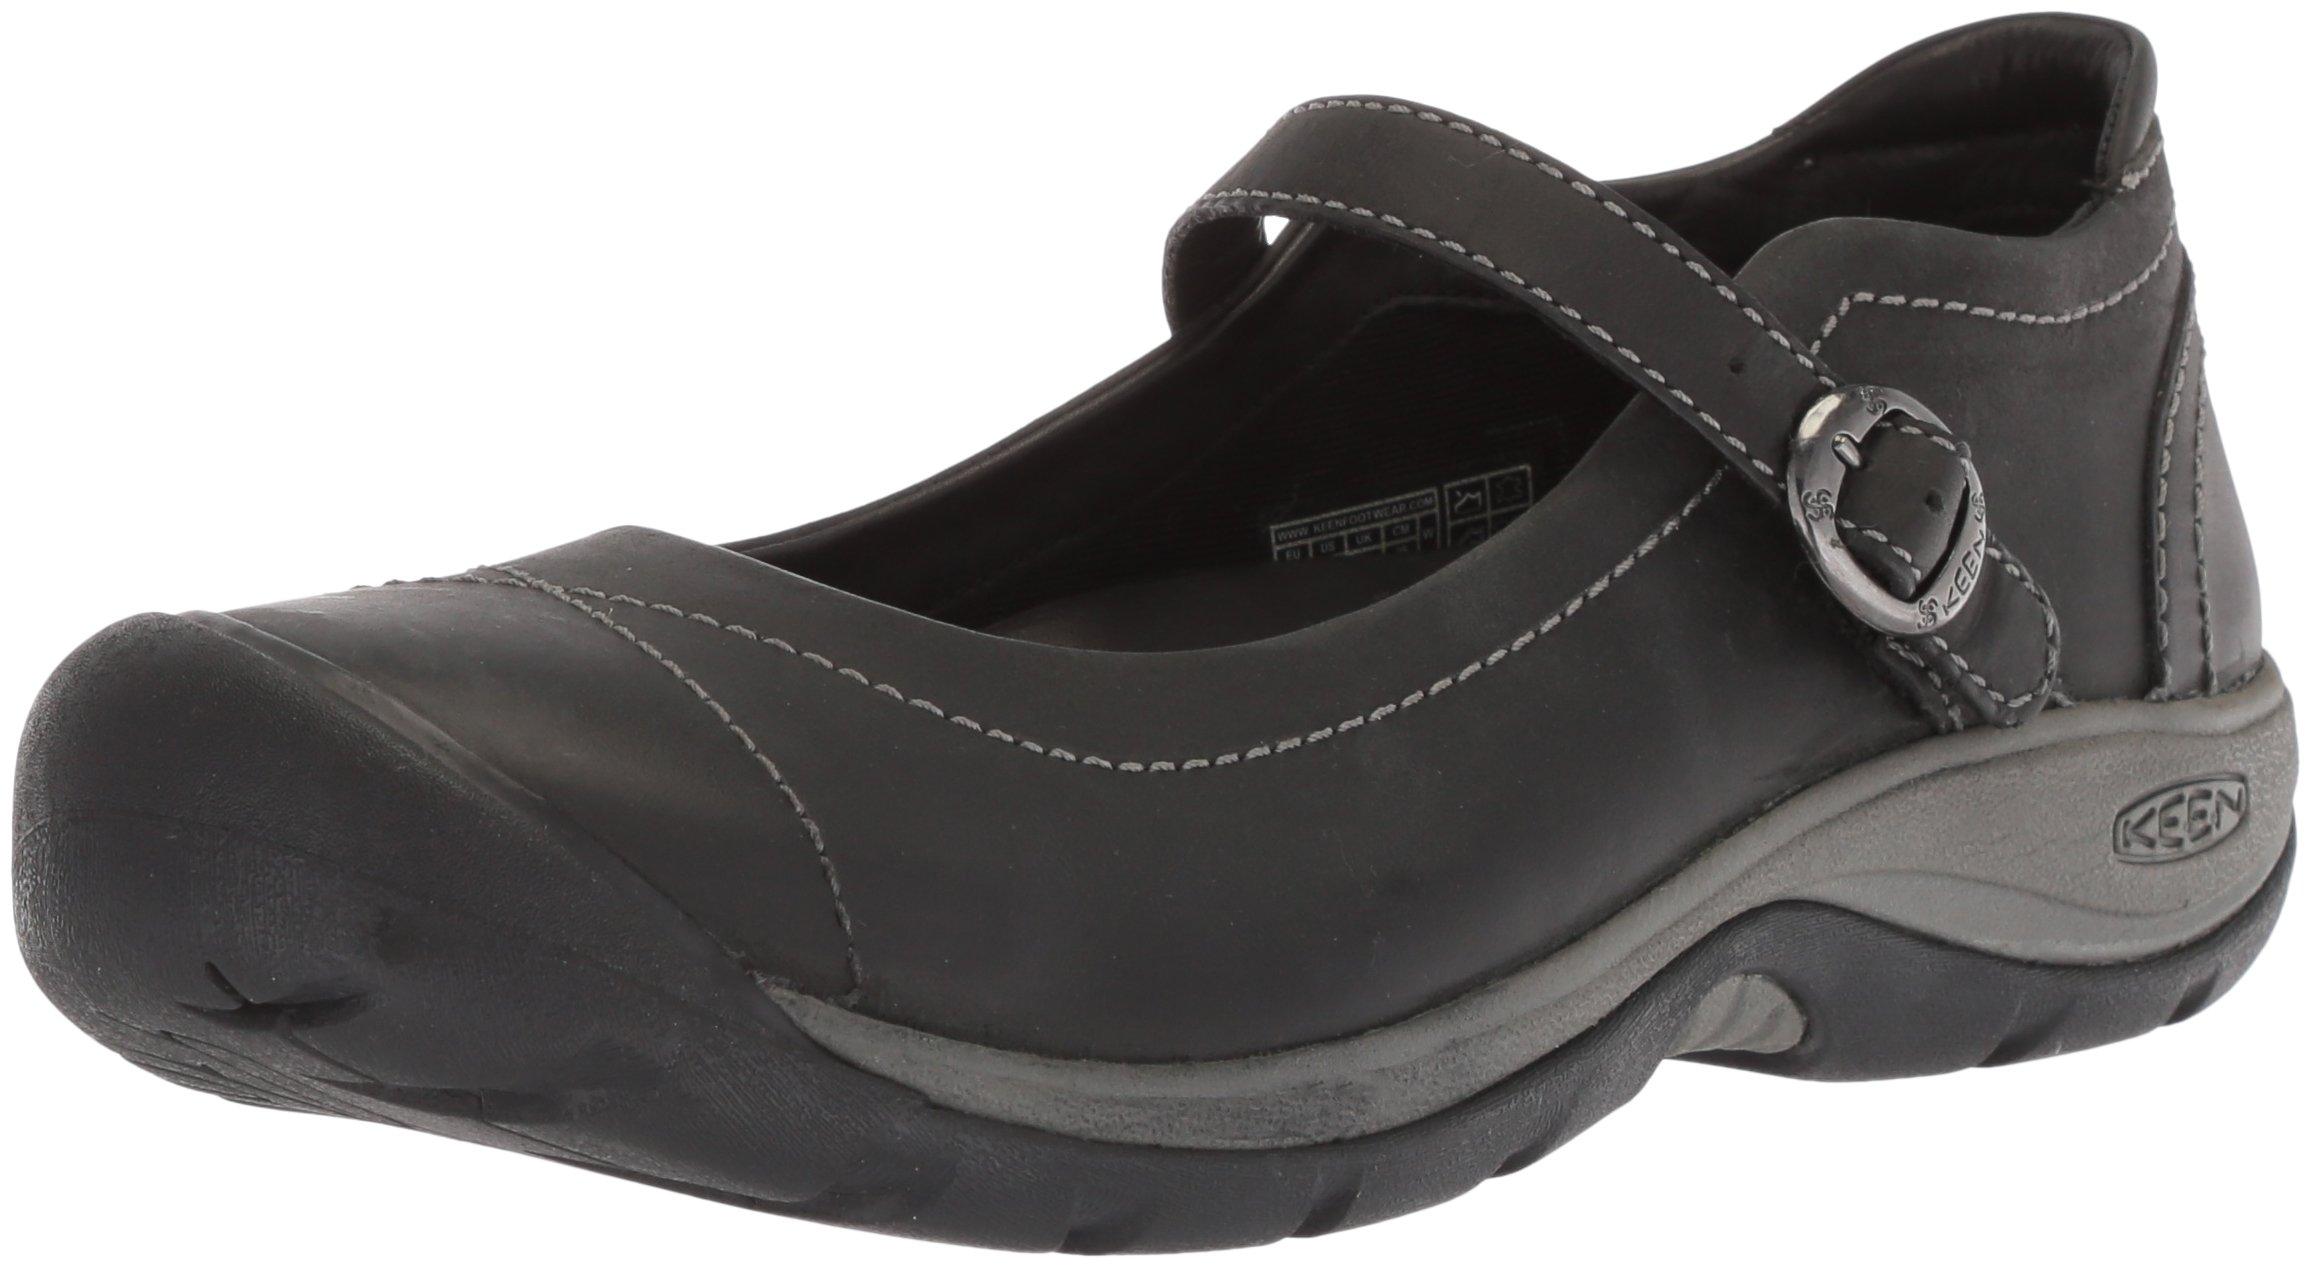 KEEN Women's Presidio II MJ-W Hiking Shoe, Black/Steel Grey, 7.5 M US by KEEN